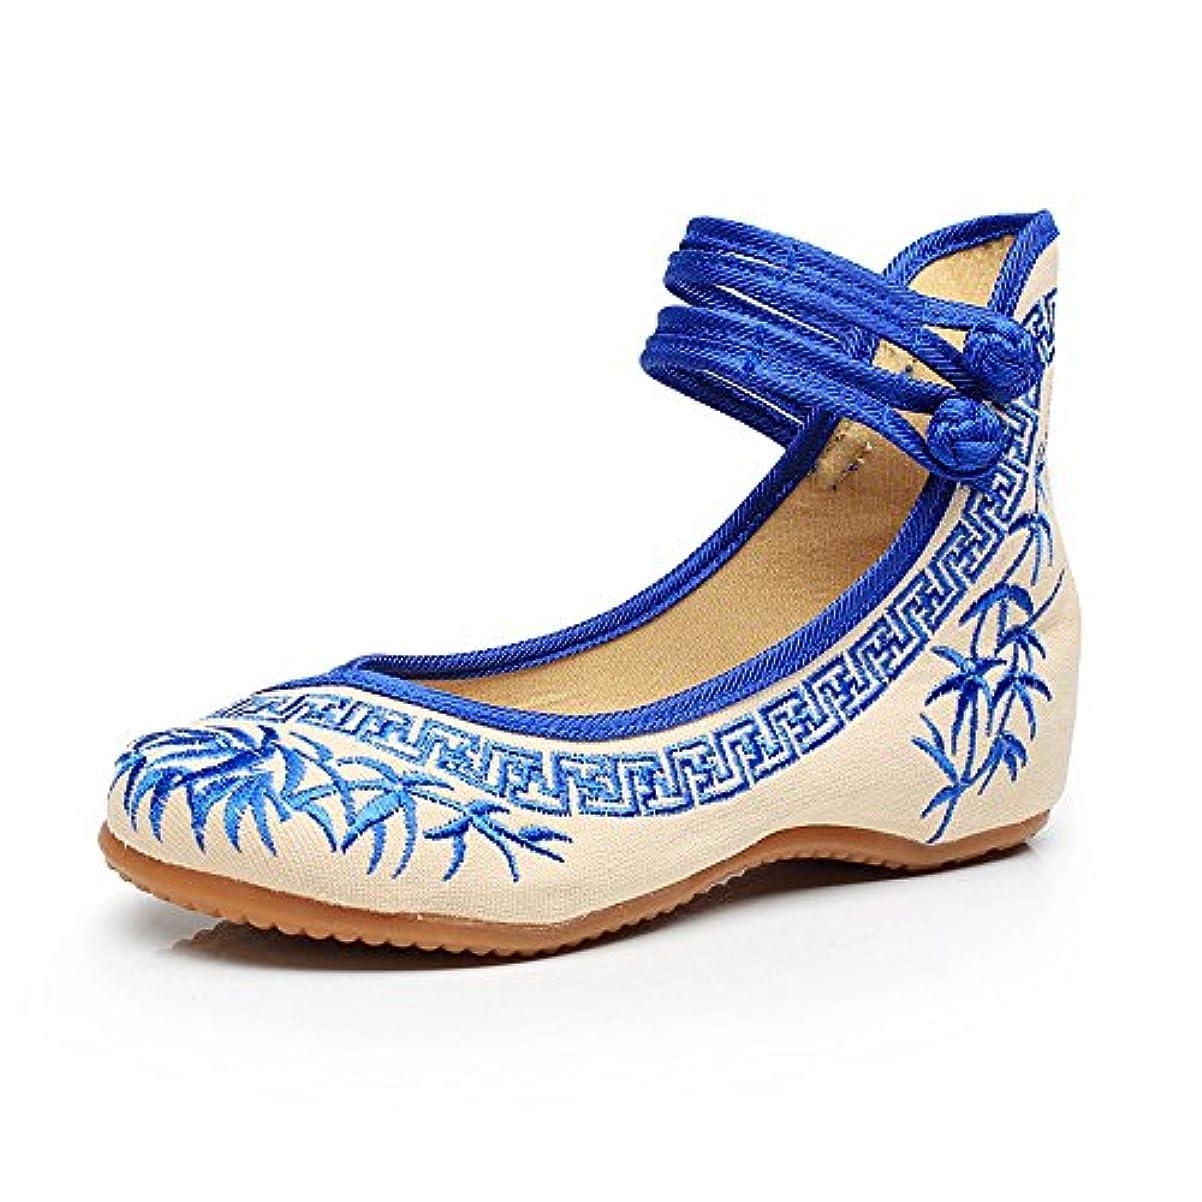 代わりに肥料運ぶ[Fanwer] 竹刺繍女性の靴中国のカジュアルなフラットソールメアリーJanes靴